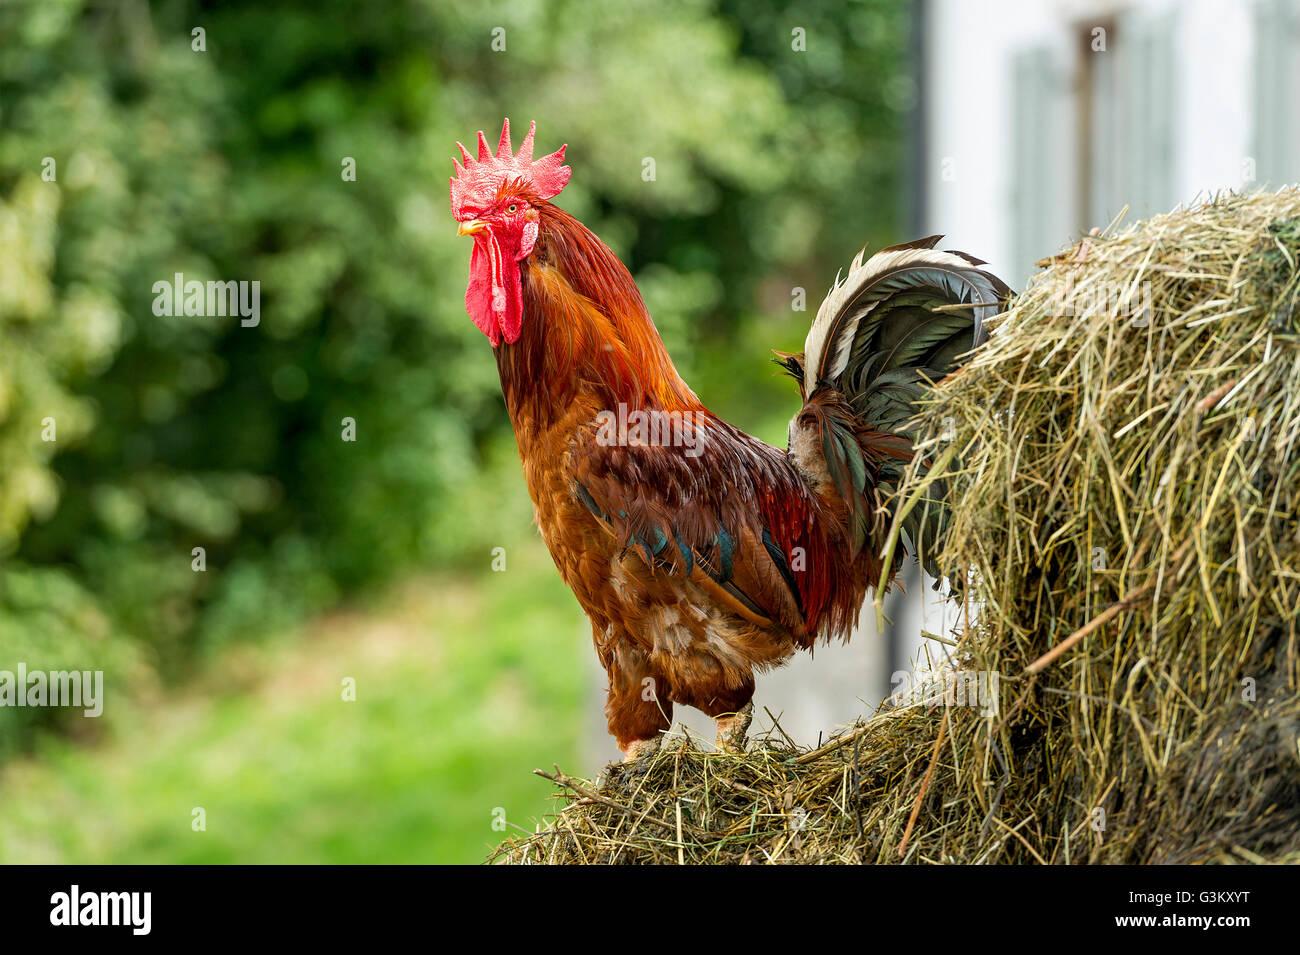 Carne di pollo (Gallus gallus domesticus), gallo sul mucchio di letame, Alta Baviera, Baviera, Germania Foto Stock